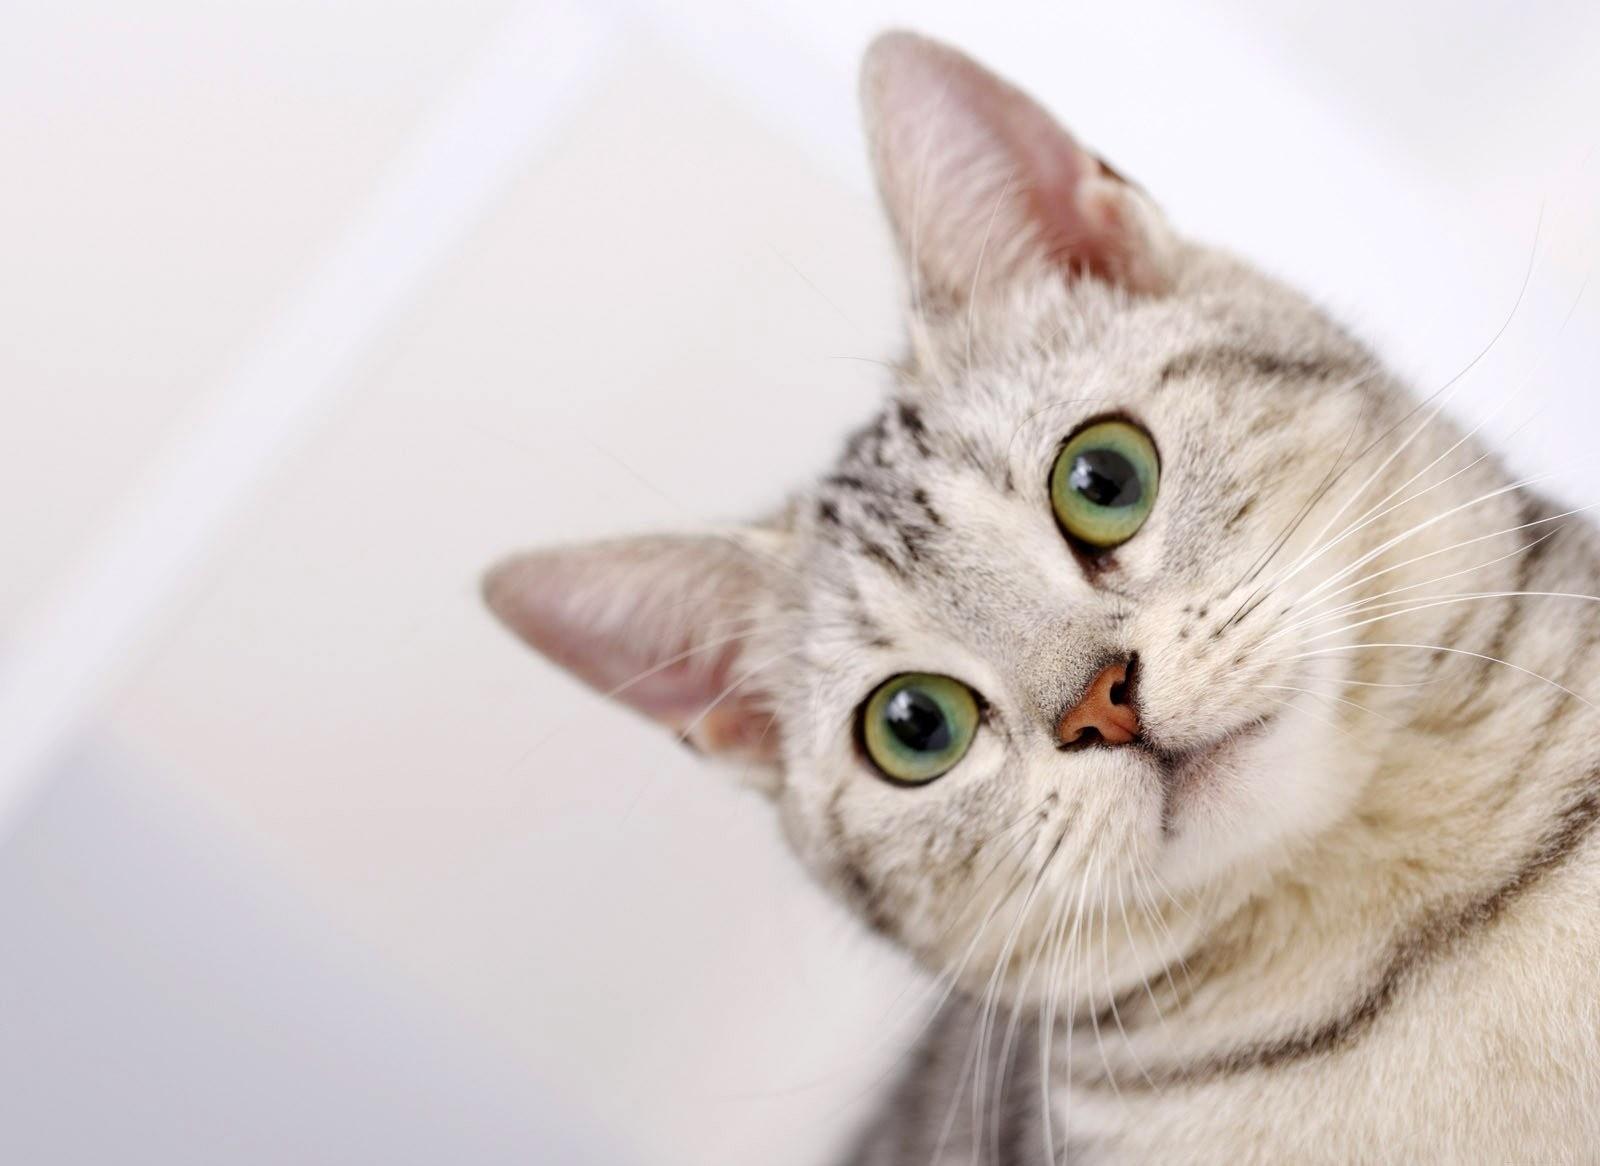 Очищать животному ушки рекомендуется 1 раз в 3 недели